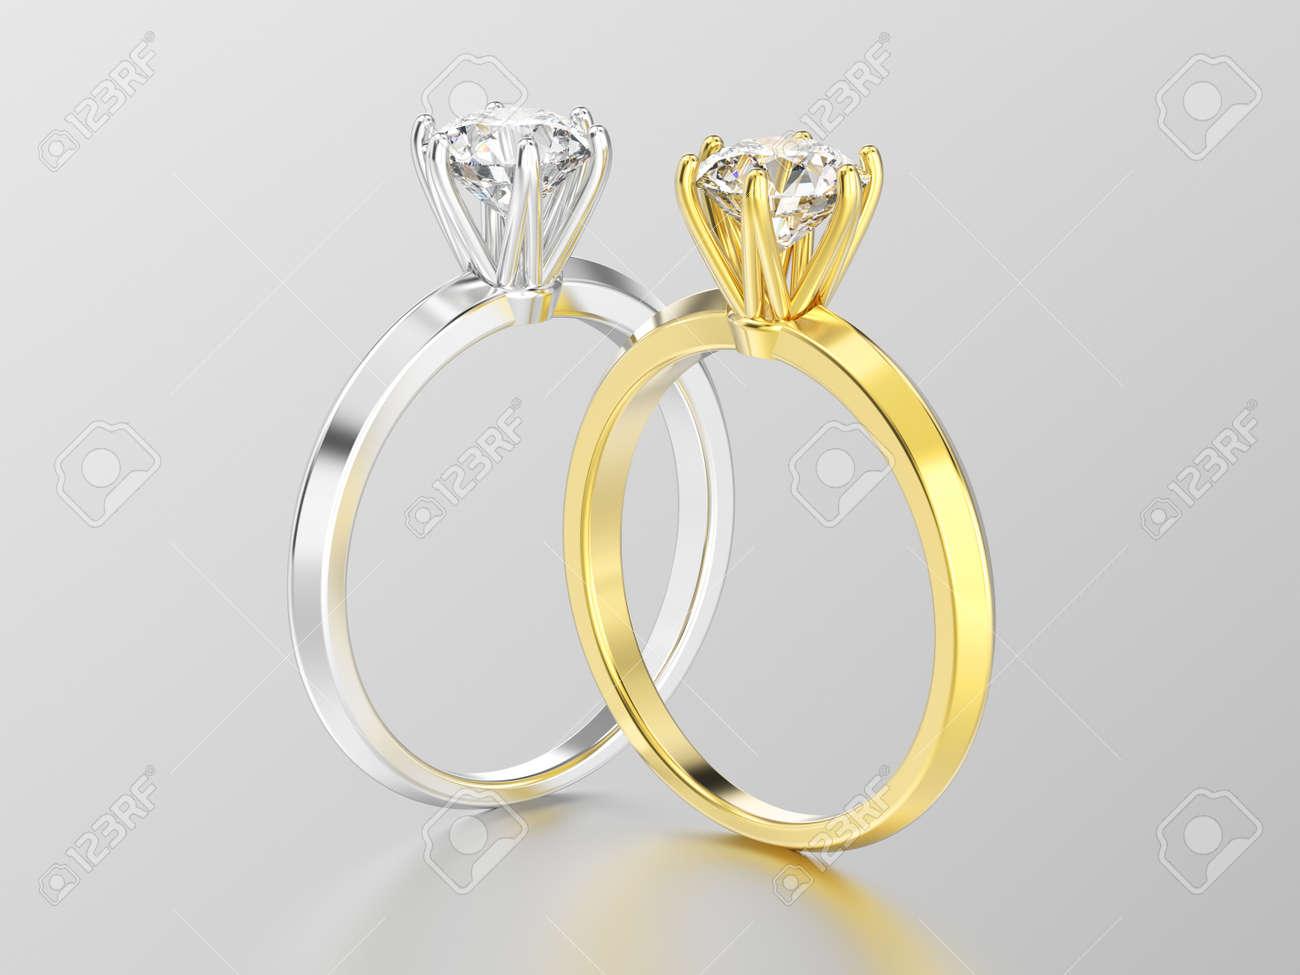 7f46b57d2cdf Foto de archivo - Ilustración 3D dos oro blanco o plata y oro amarillo  anillos de diamantes de compromiso de solitario tradicional con la  reflexión sobre un ...